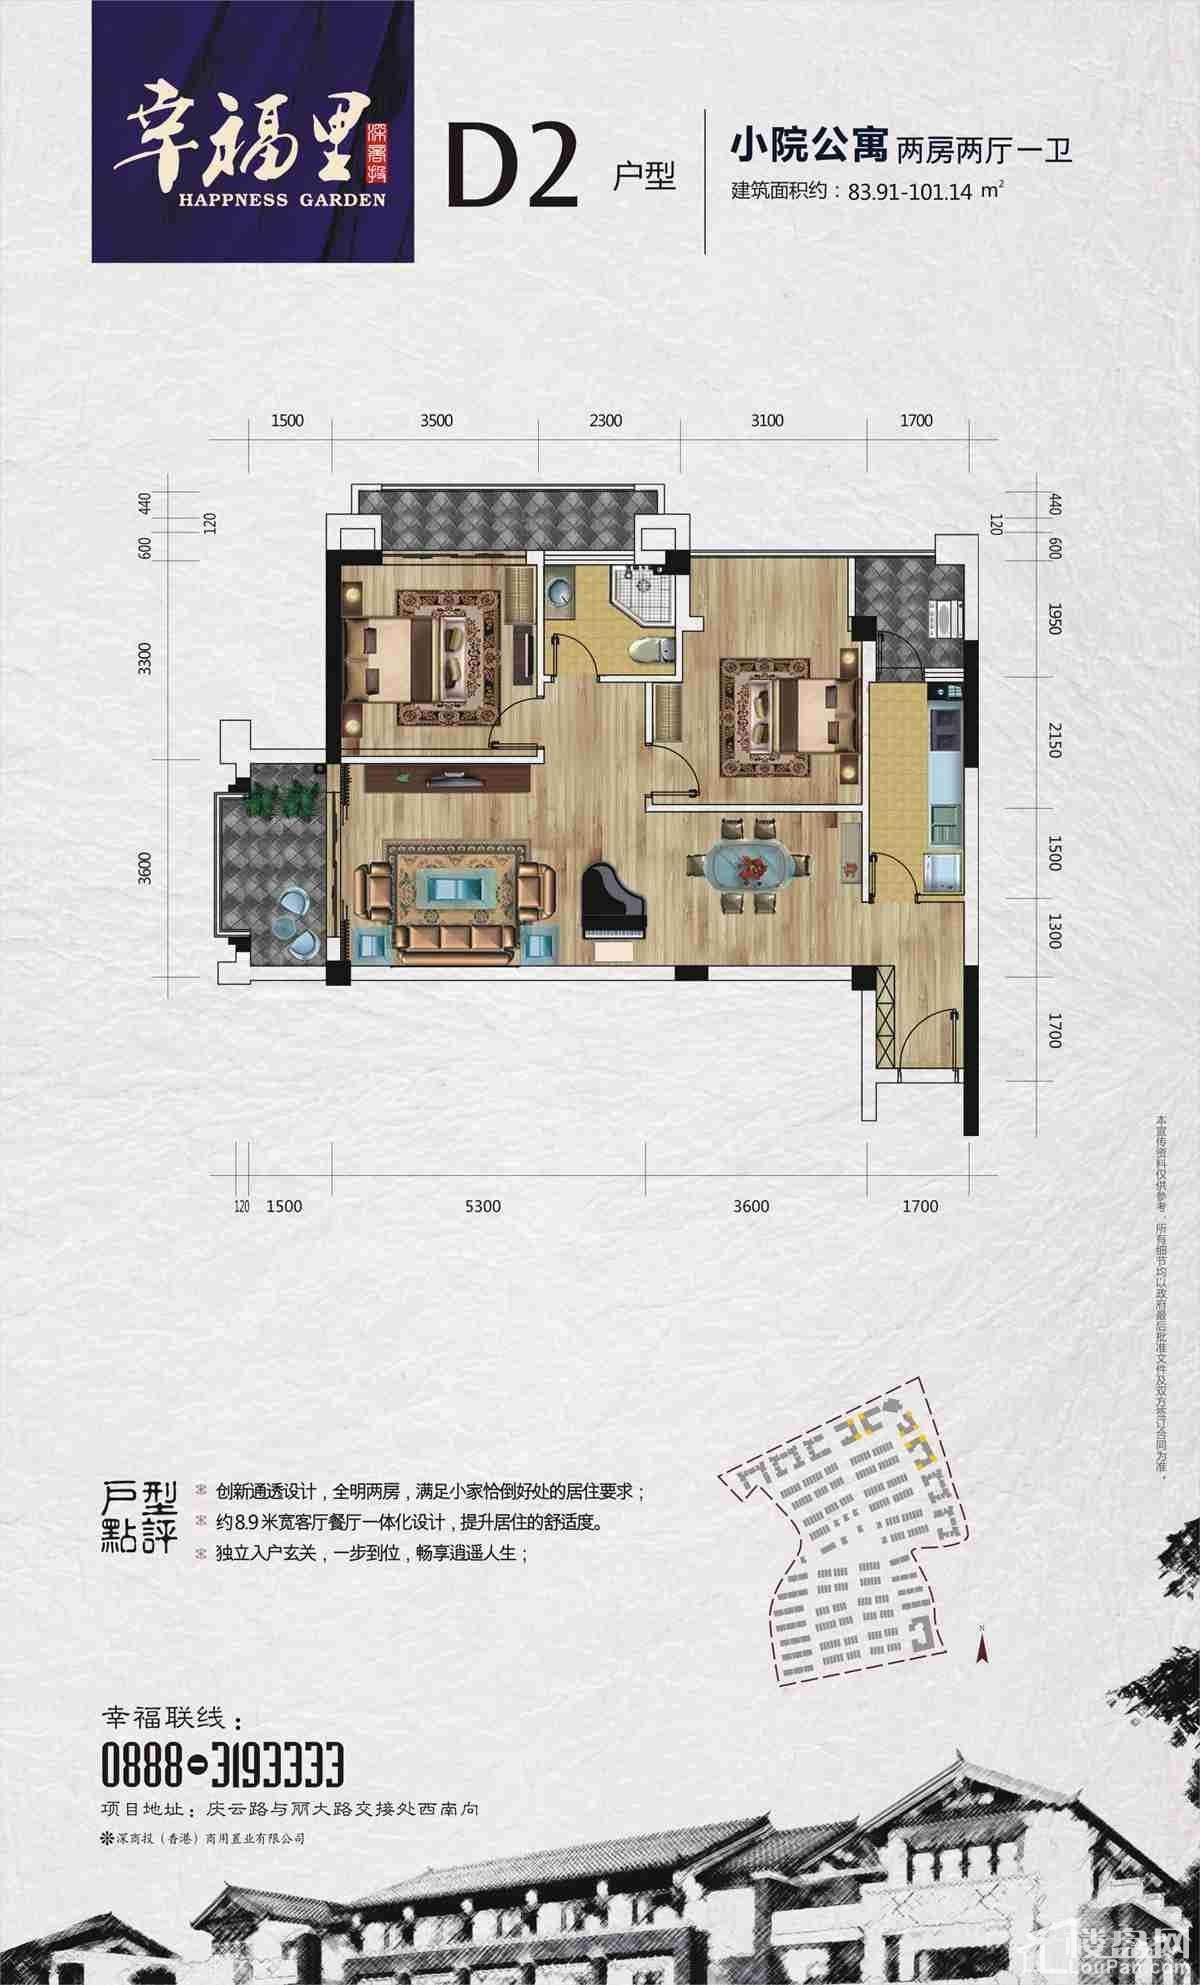 D2小院公寓